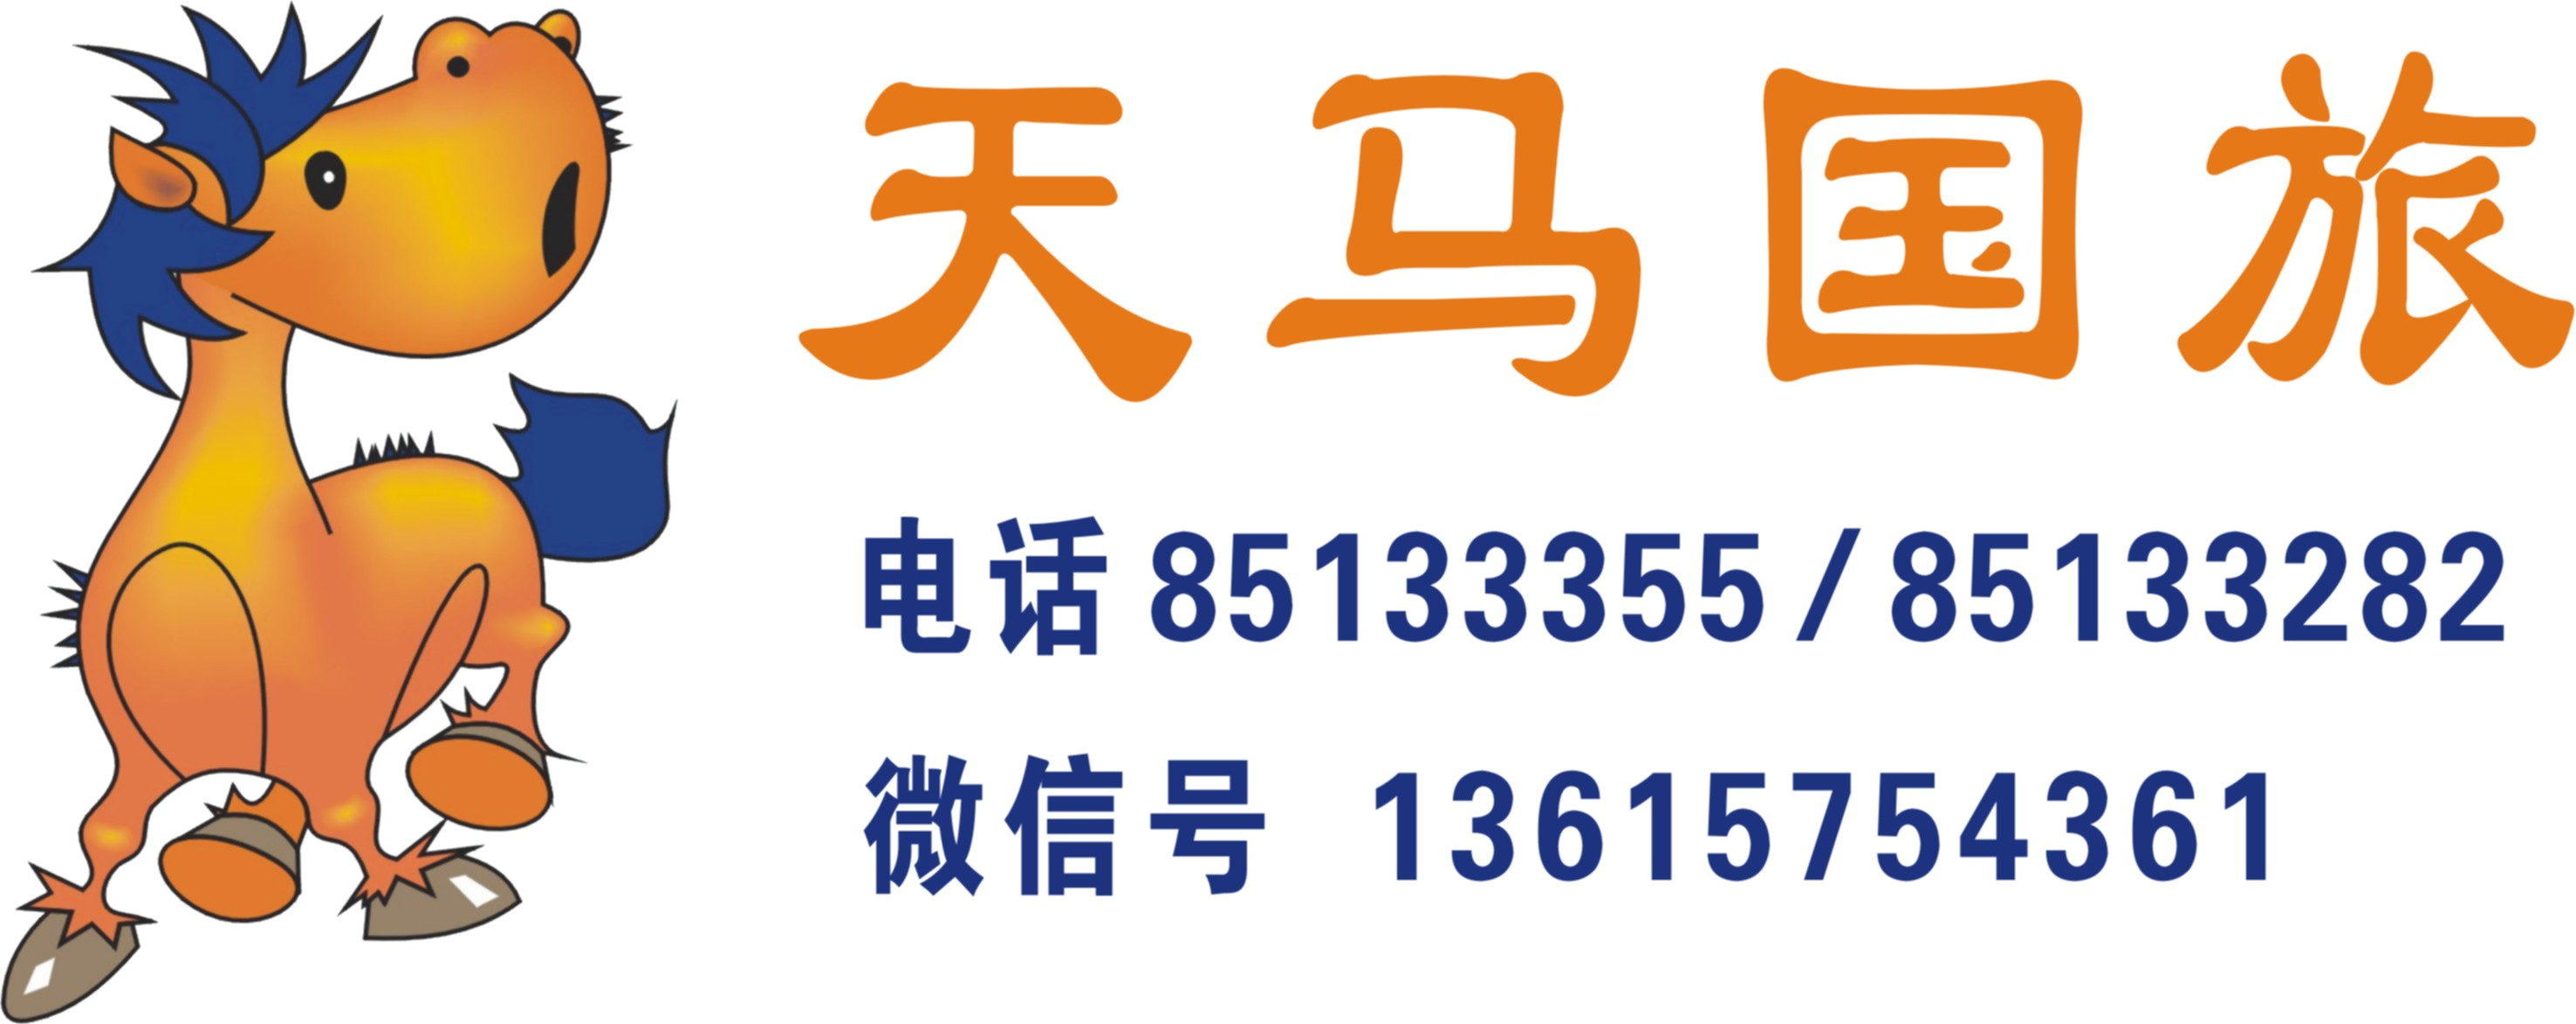 5.25/28/30【苏州园林、无锡灵山大佛休闲二日】